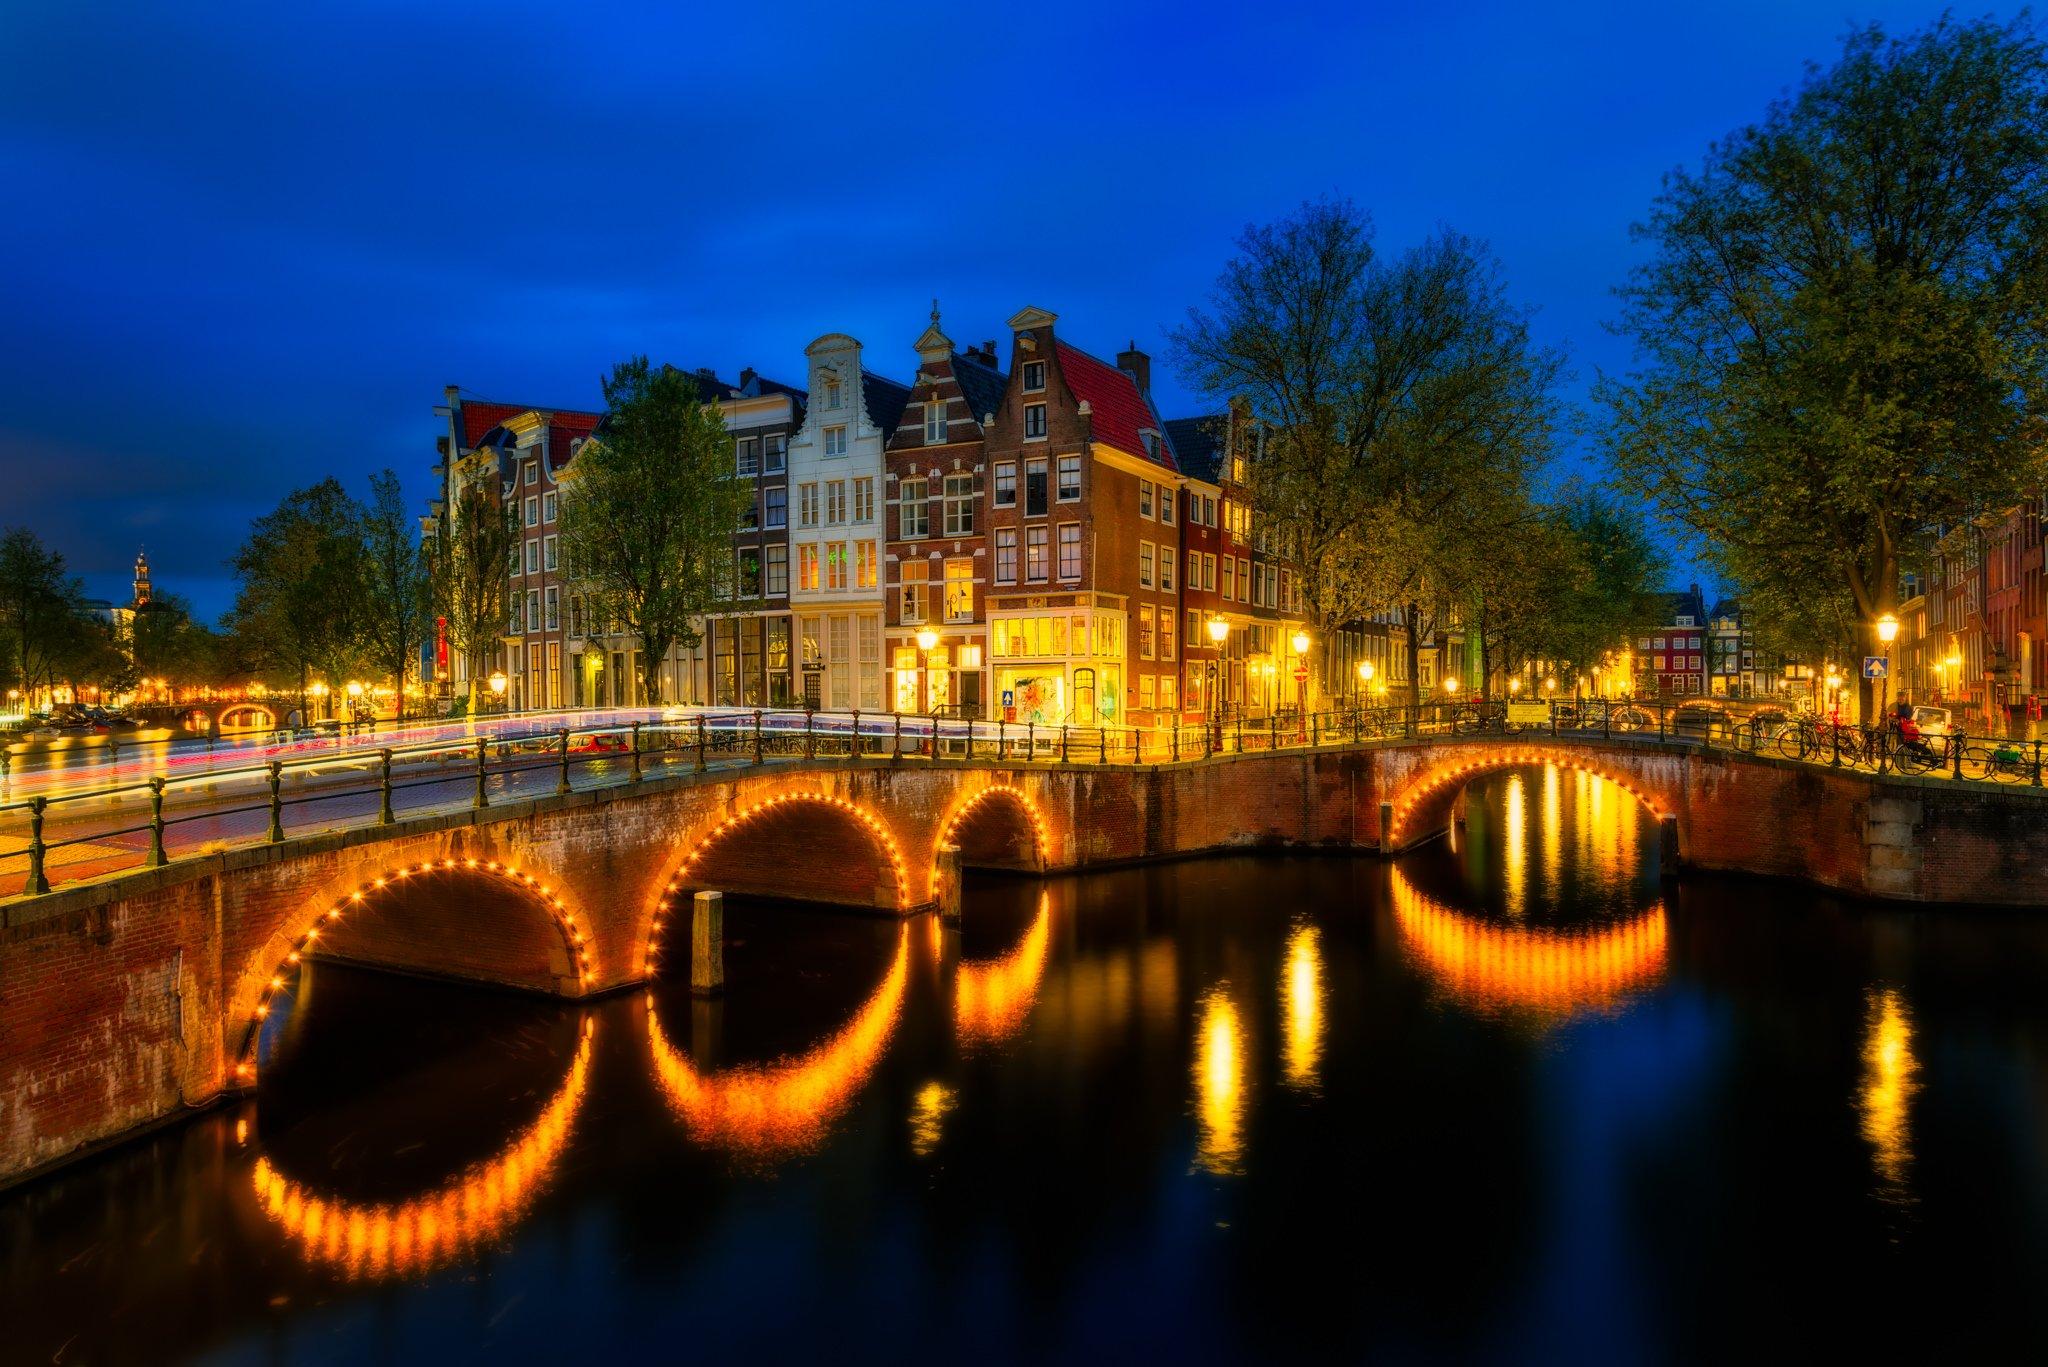 Amsterdamer Keizersgracht, unterhalb einer Brücke während der blauen Stunde, Niederlande.